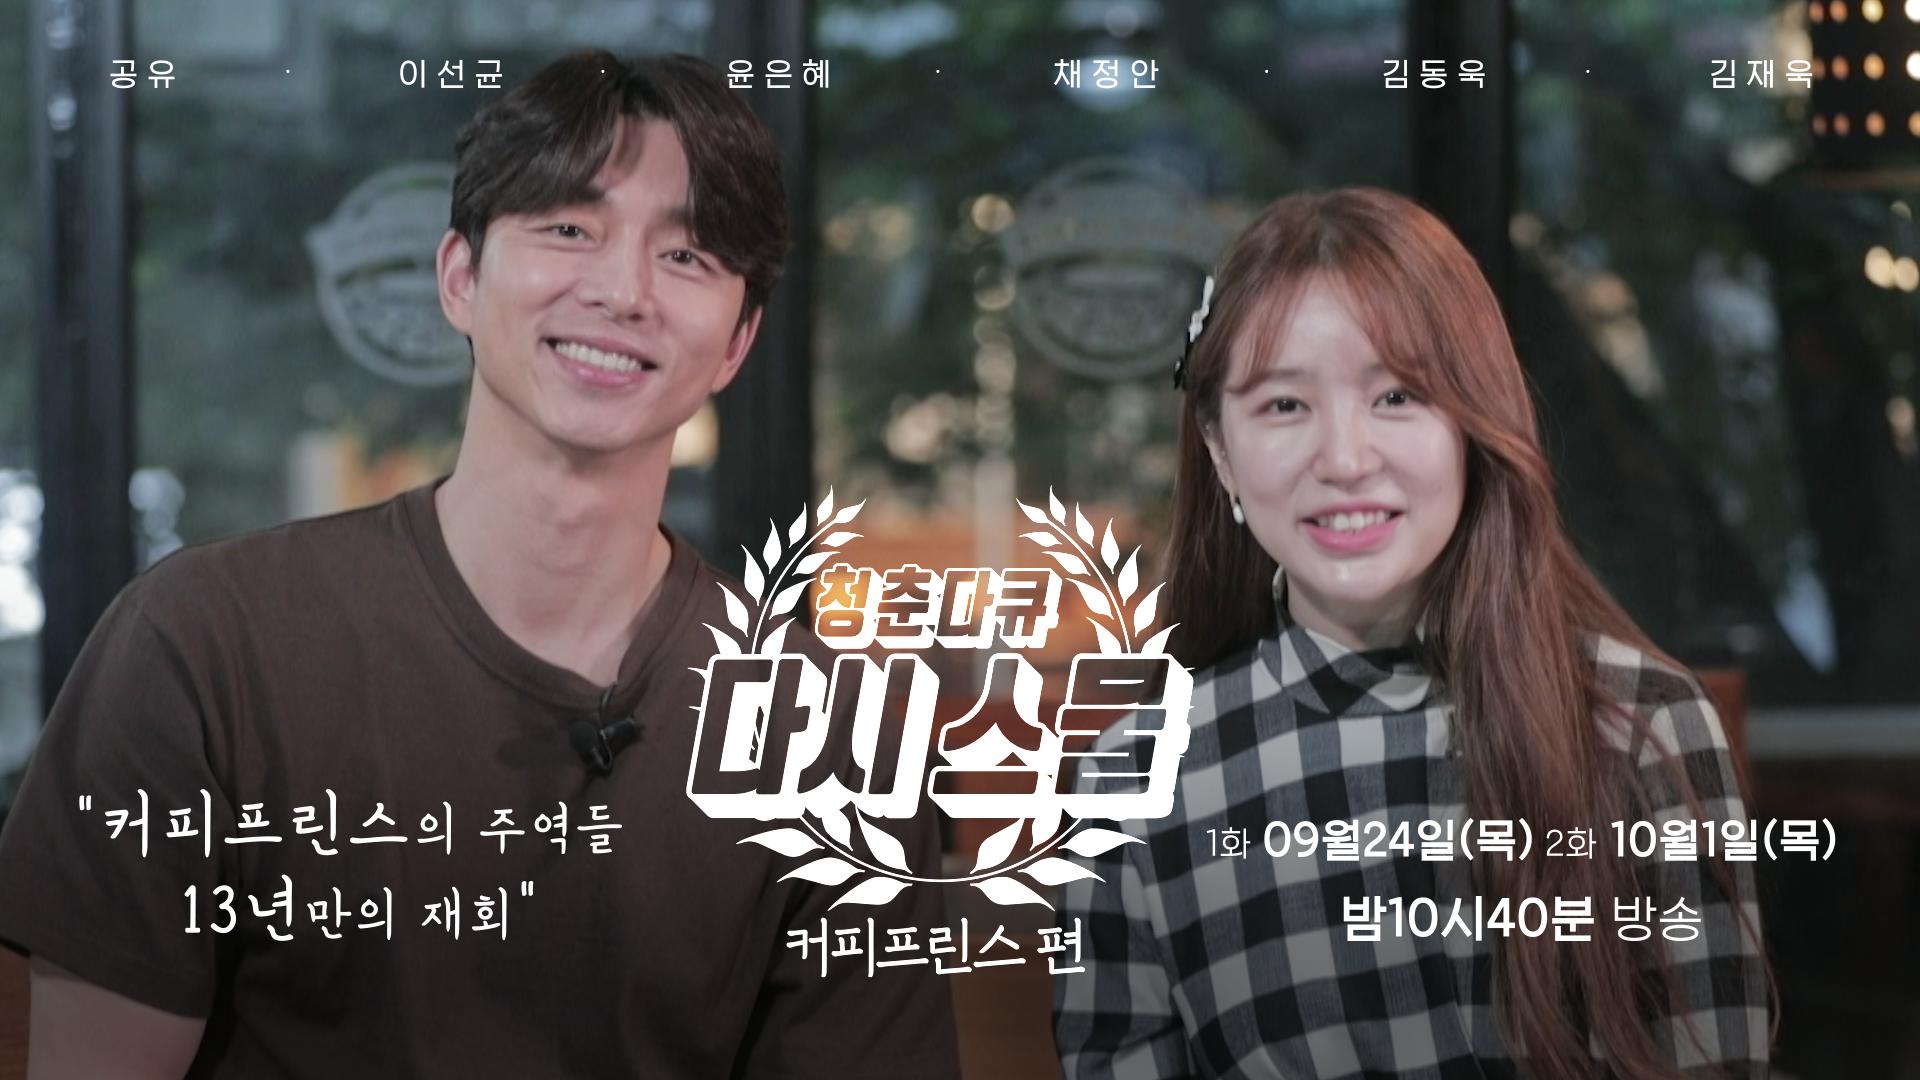 '다큐플렉스-청춘다큐 다시스물', '커피프린스 1호점' 윤은혜·공유 화제↑